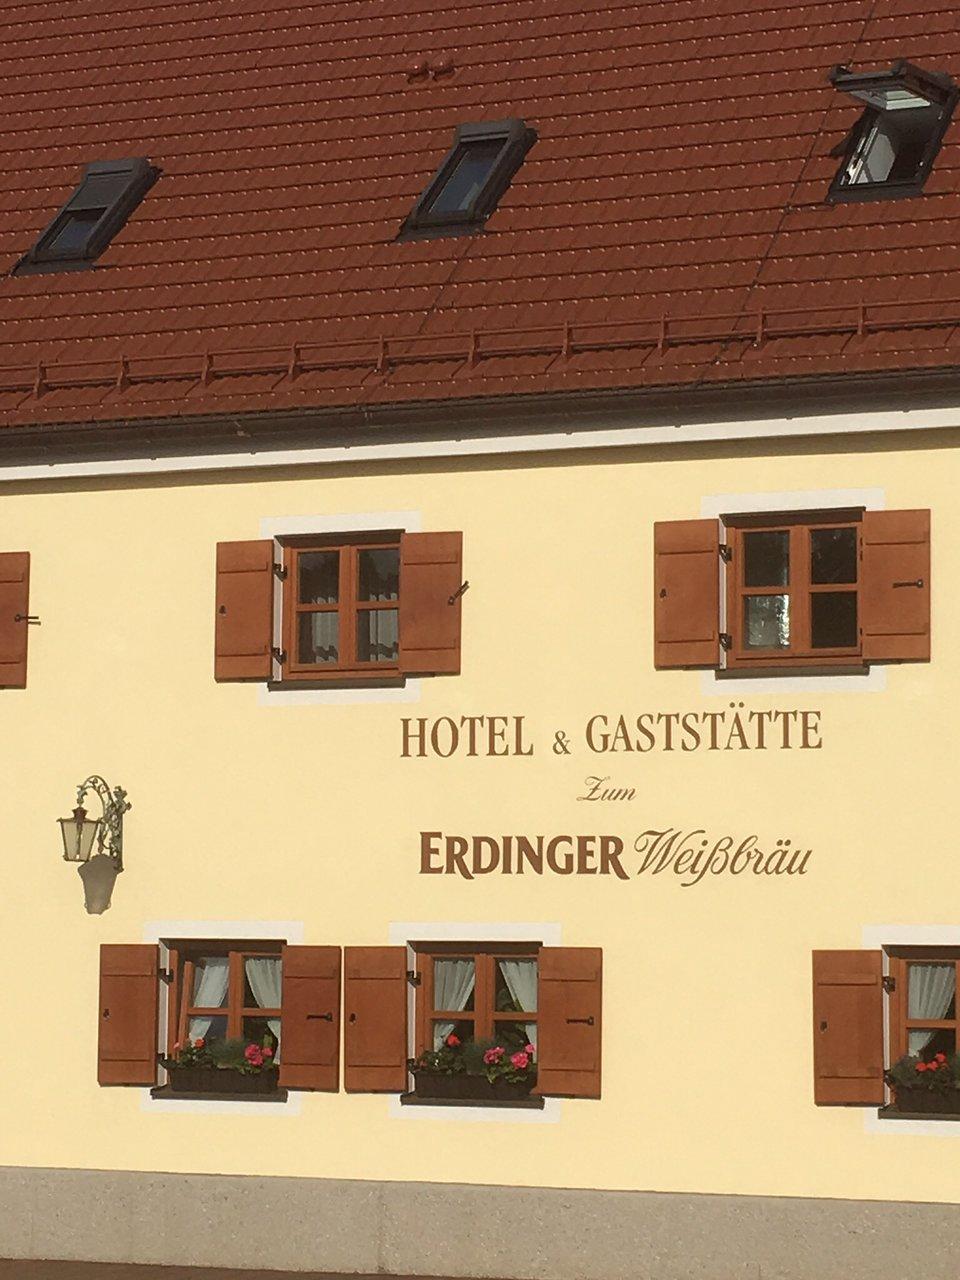 Hotel Gasthaus Zum Erdinger Weissbrau 124 1 5 5